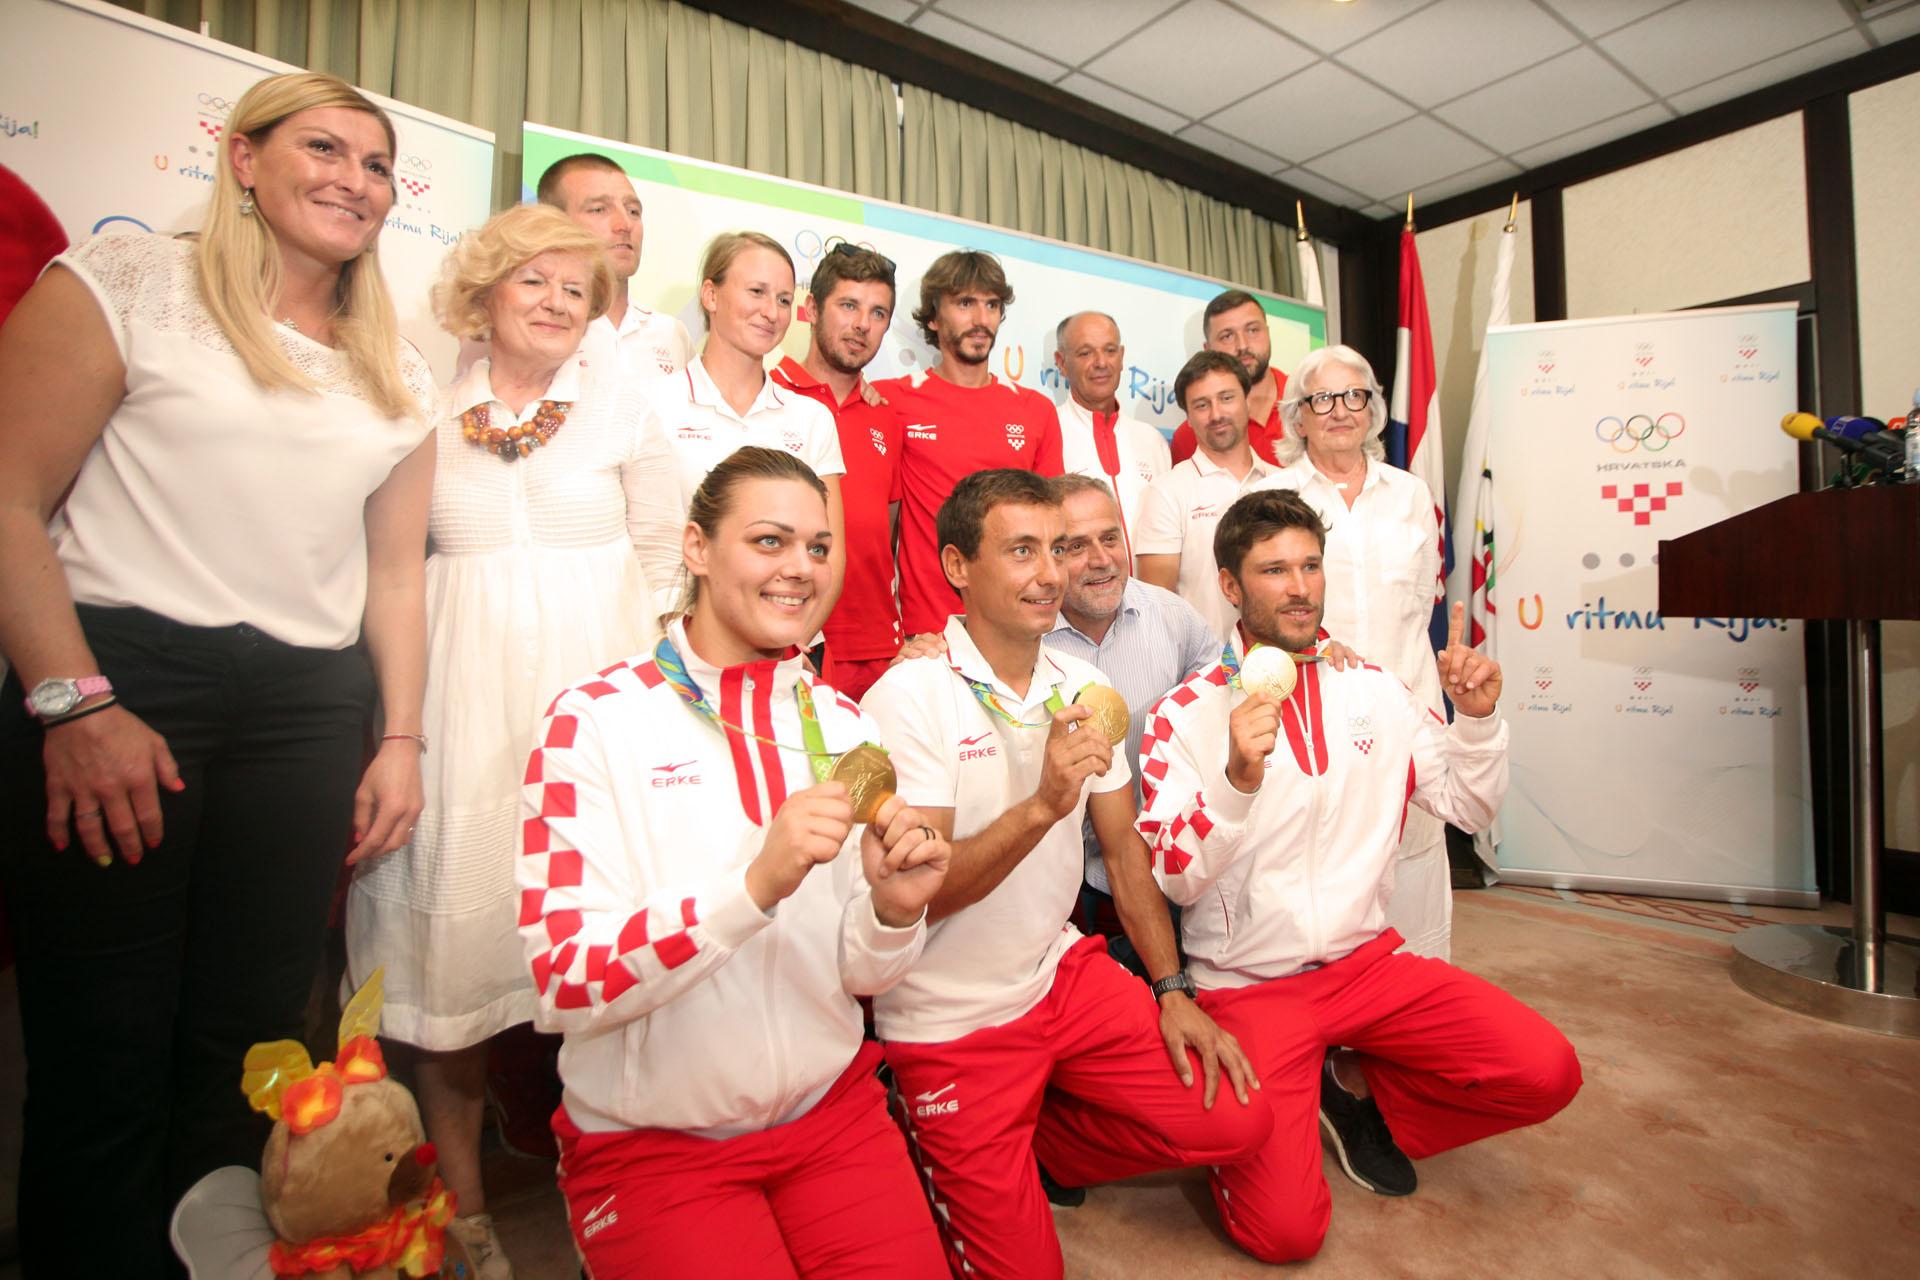 OBEĆALI FINANCIJSKU POMOĆ: Koalicija za Premijera nagradit će osvajače medalja iz Rija 2